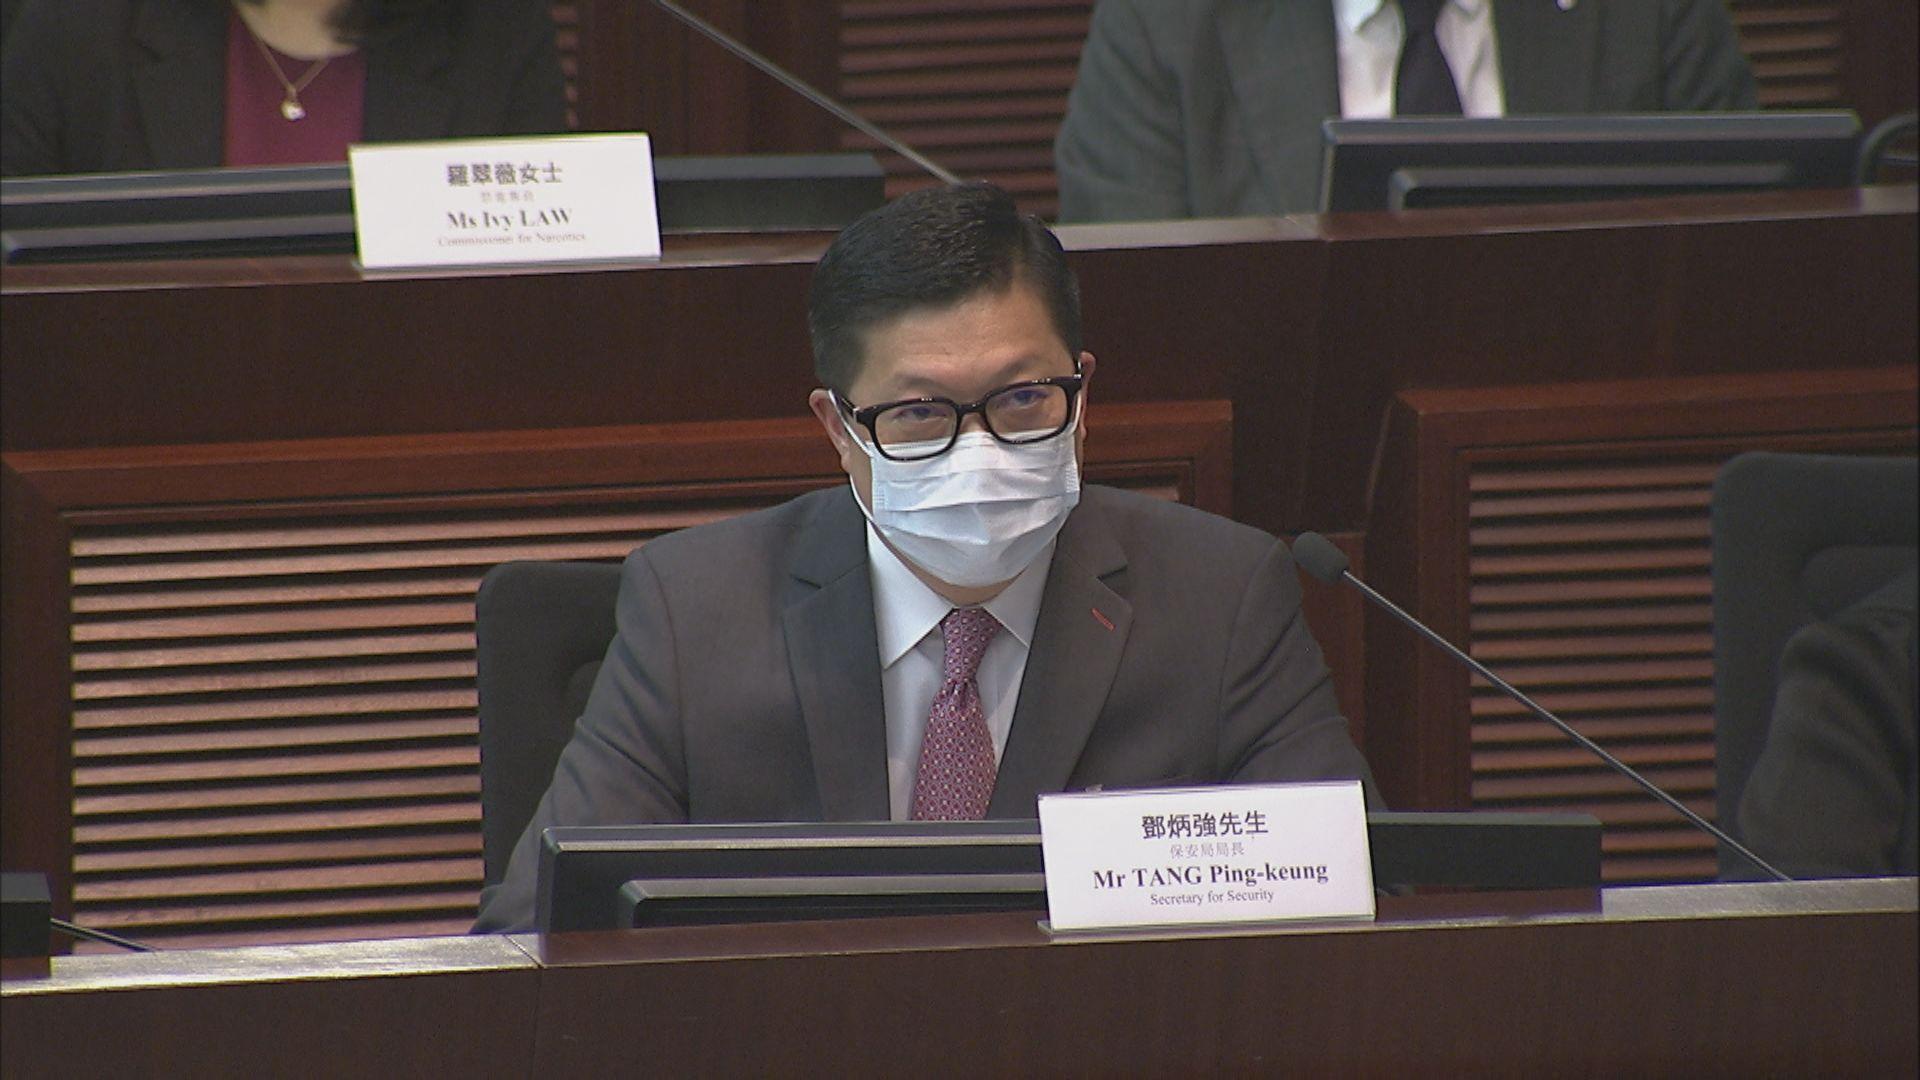 鄧炳強:爭取今屆政府任期內展開廿三條立法諮詢